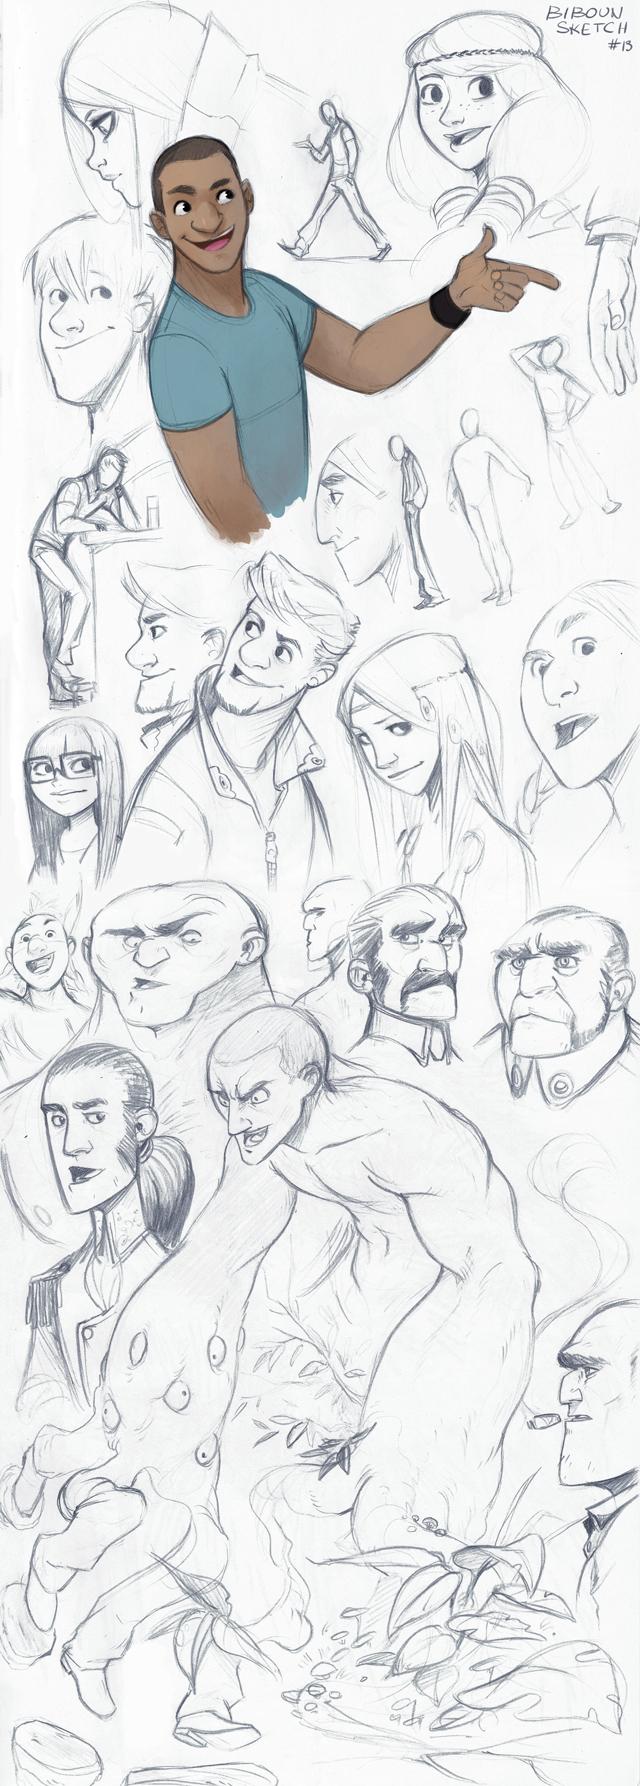 Sketch by bib0un